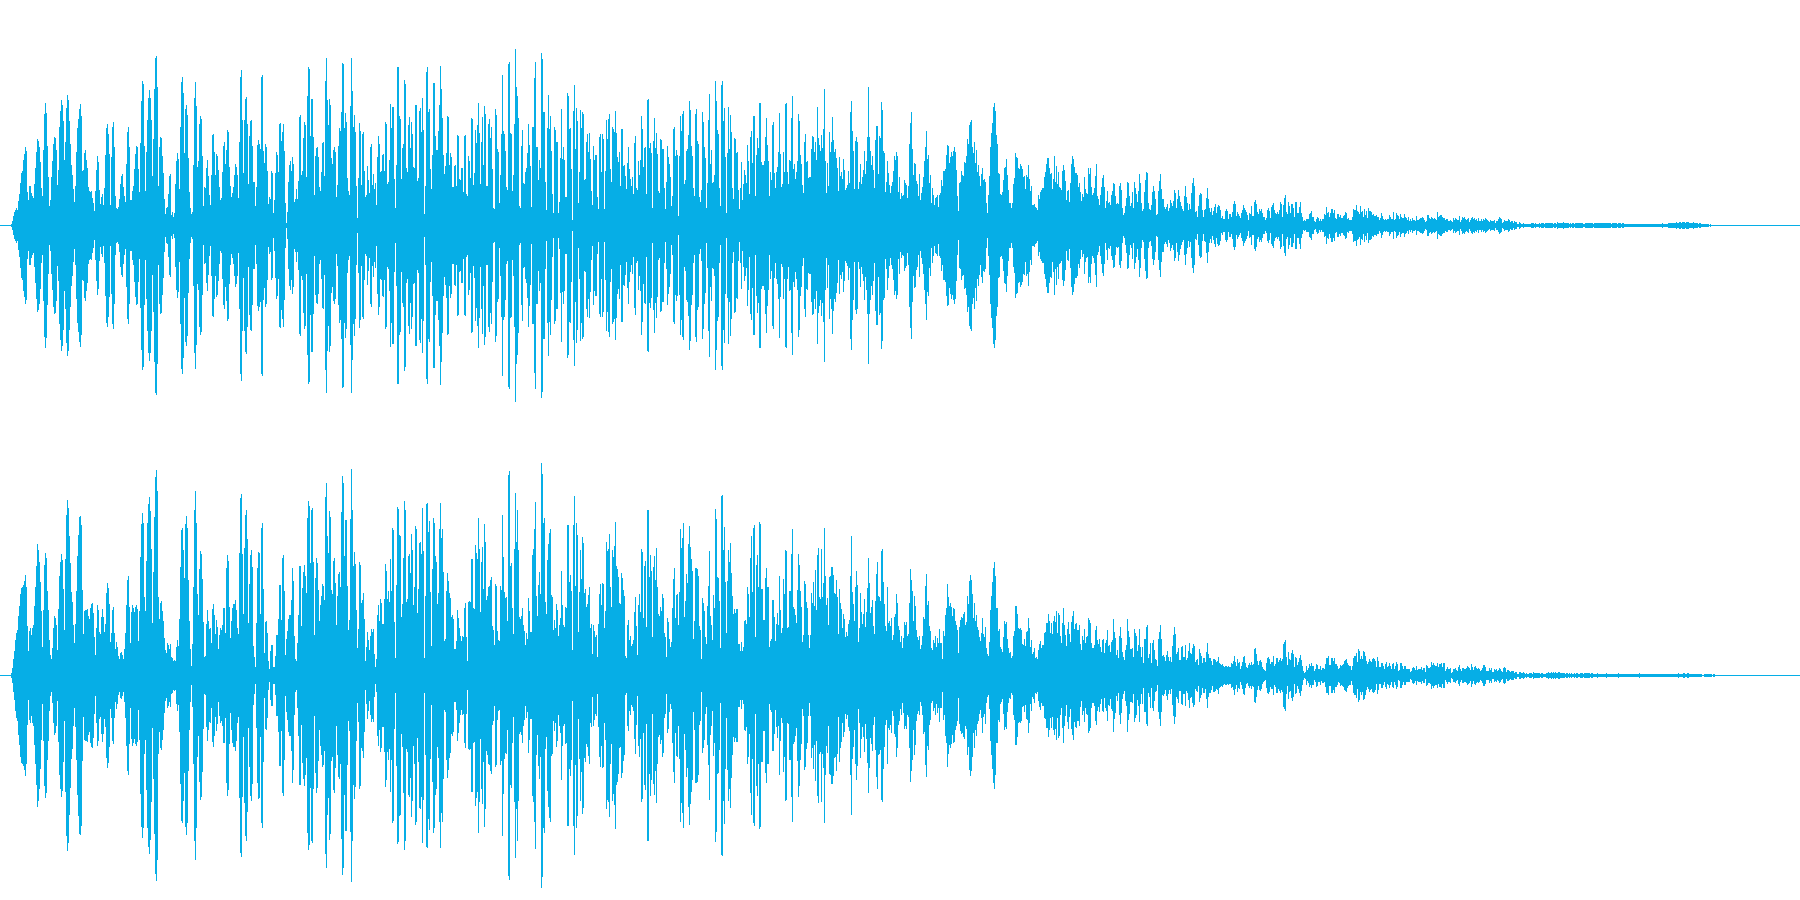 ブーンプシュー (重厚感のある開閉音)の再生済みの波形